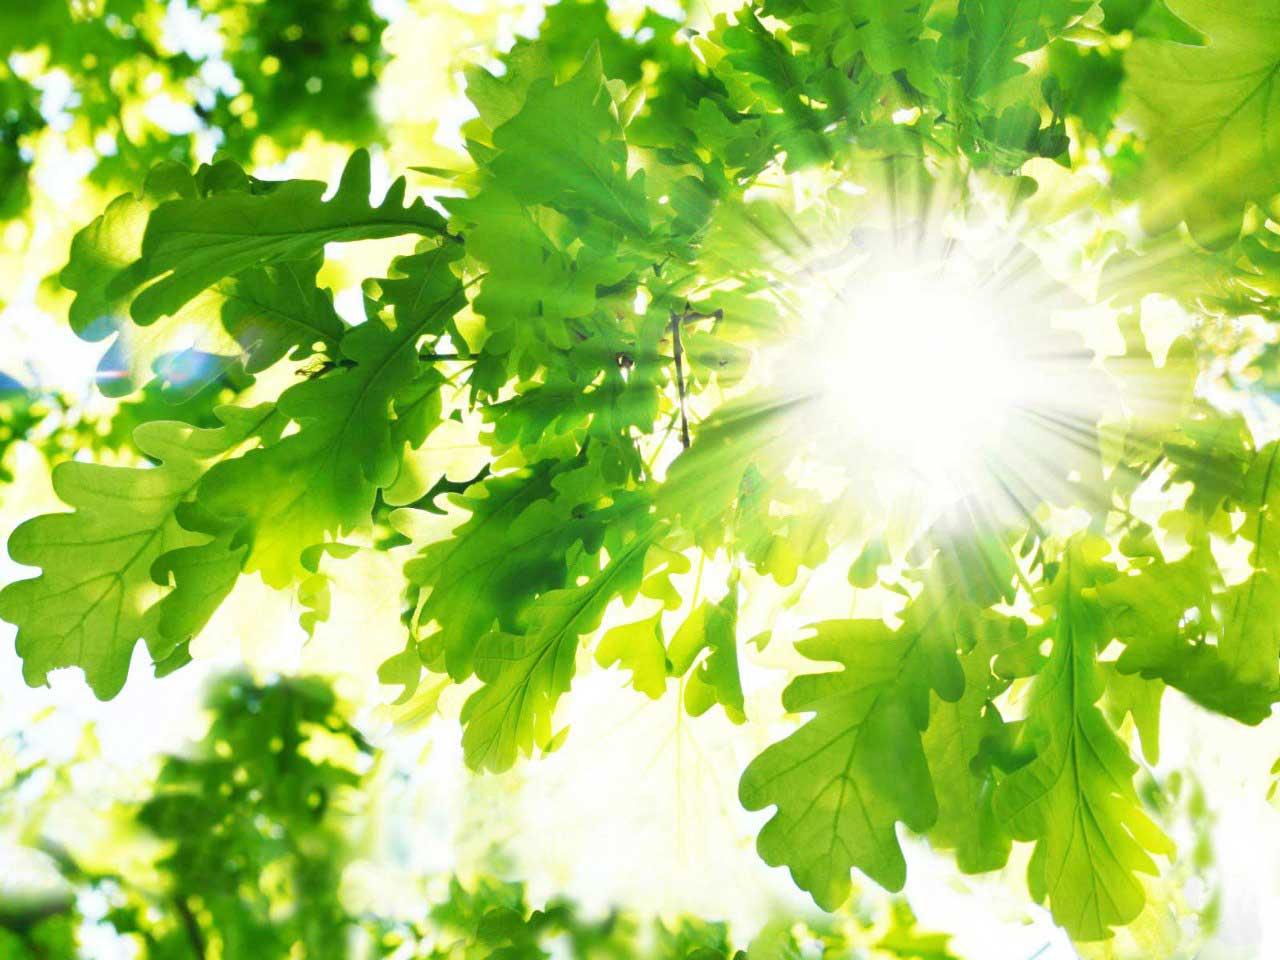 деоевья-в-солнечный-день-радуют-душу